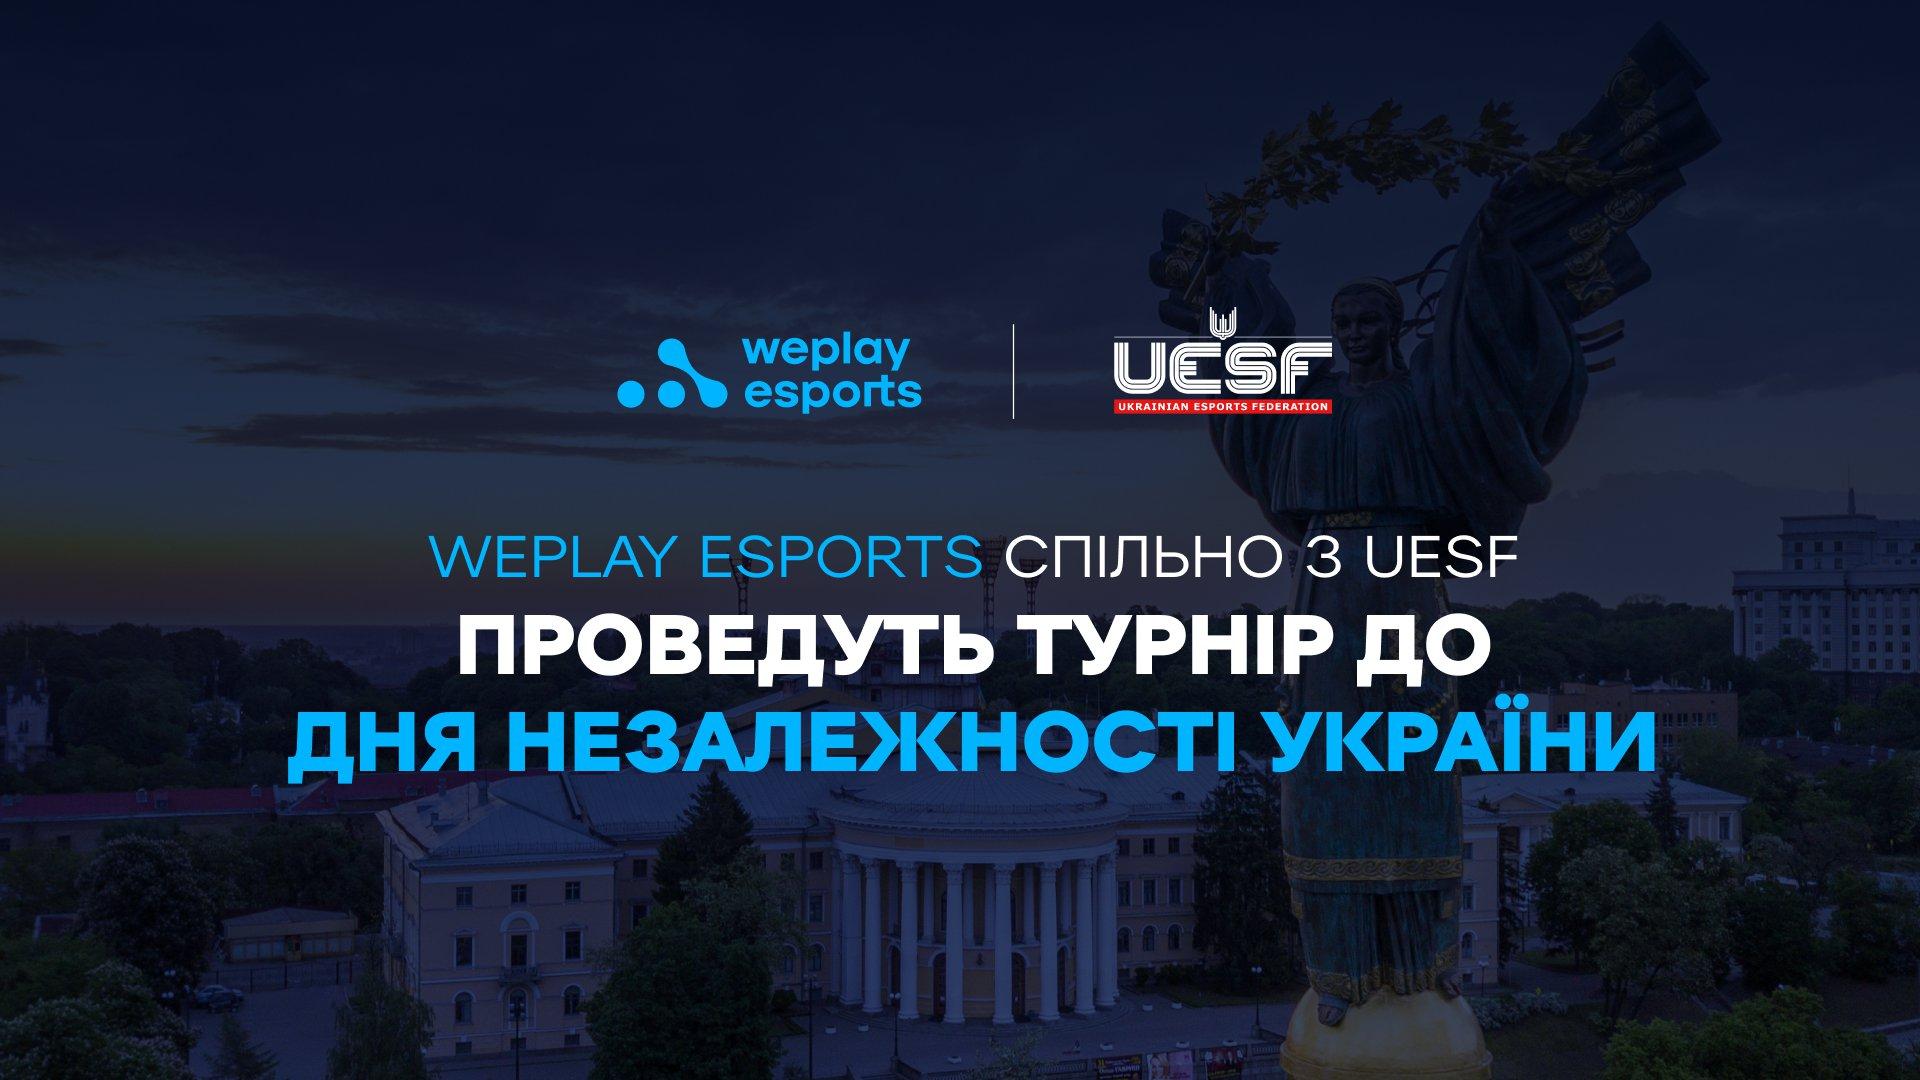 WePlay Esports спільно з UESF проведуть турнір до Дня Незалежності України. Зображення: WePlay Holding